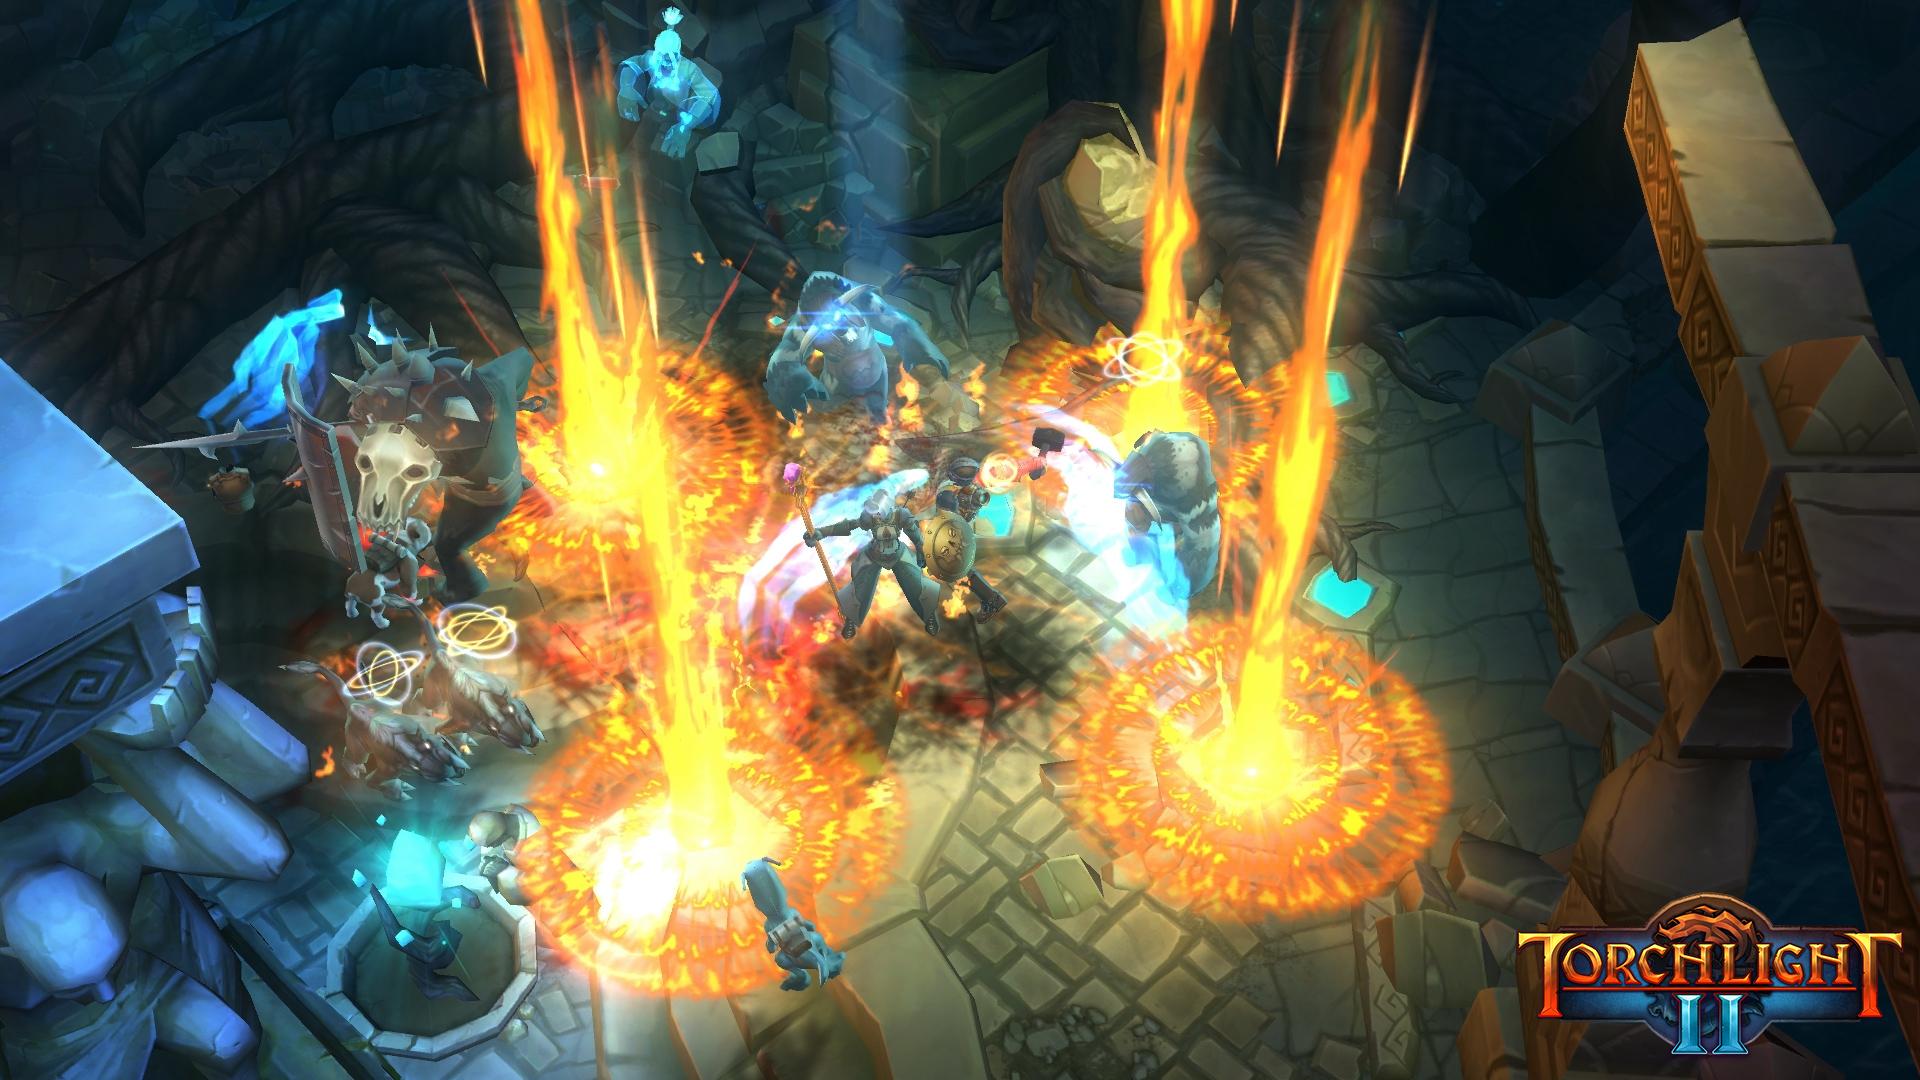 torchlight 2 hack